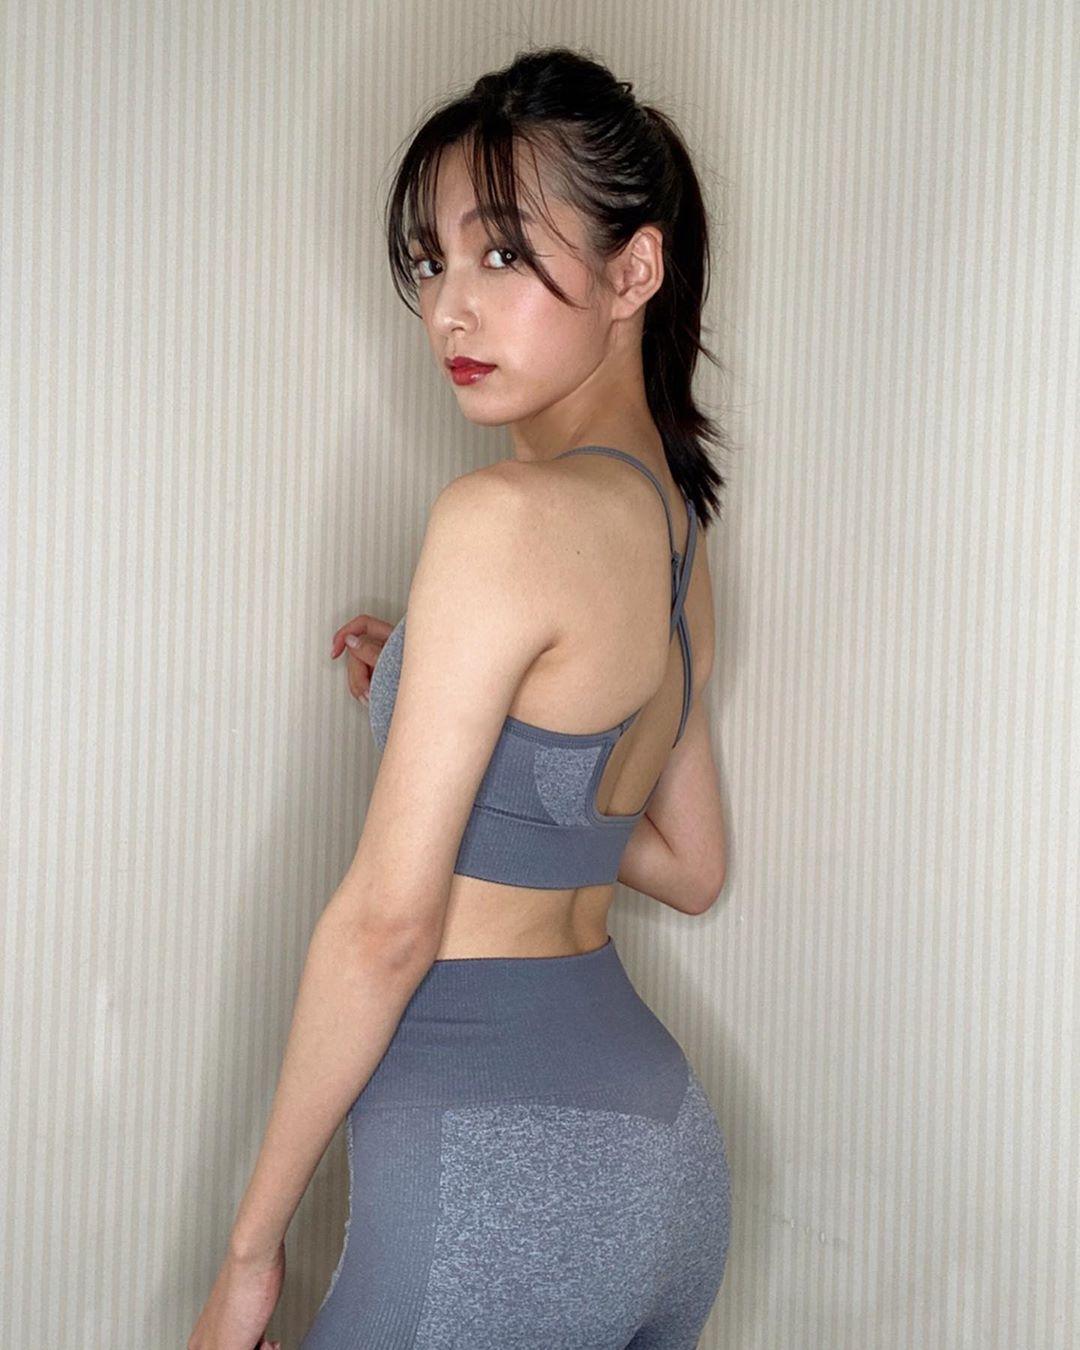 uCNmv1 - IG正妹—秋山未有(Miyu Akiyama)